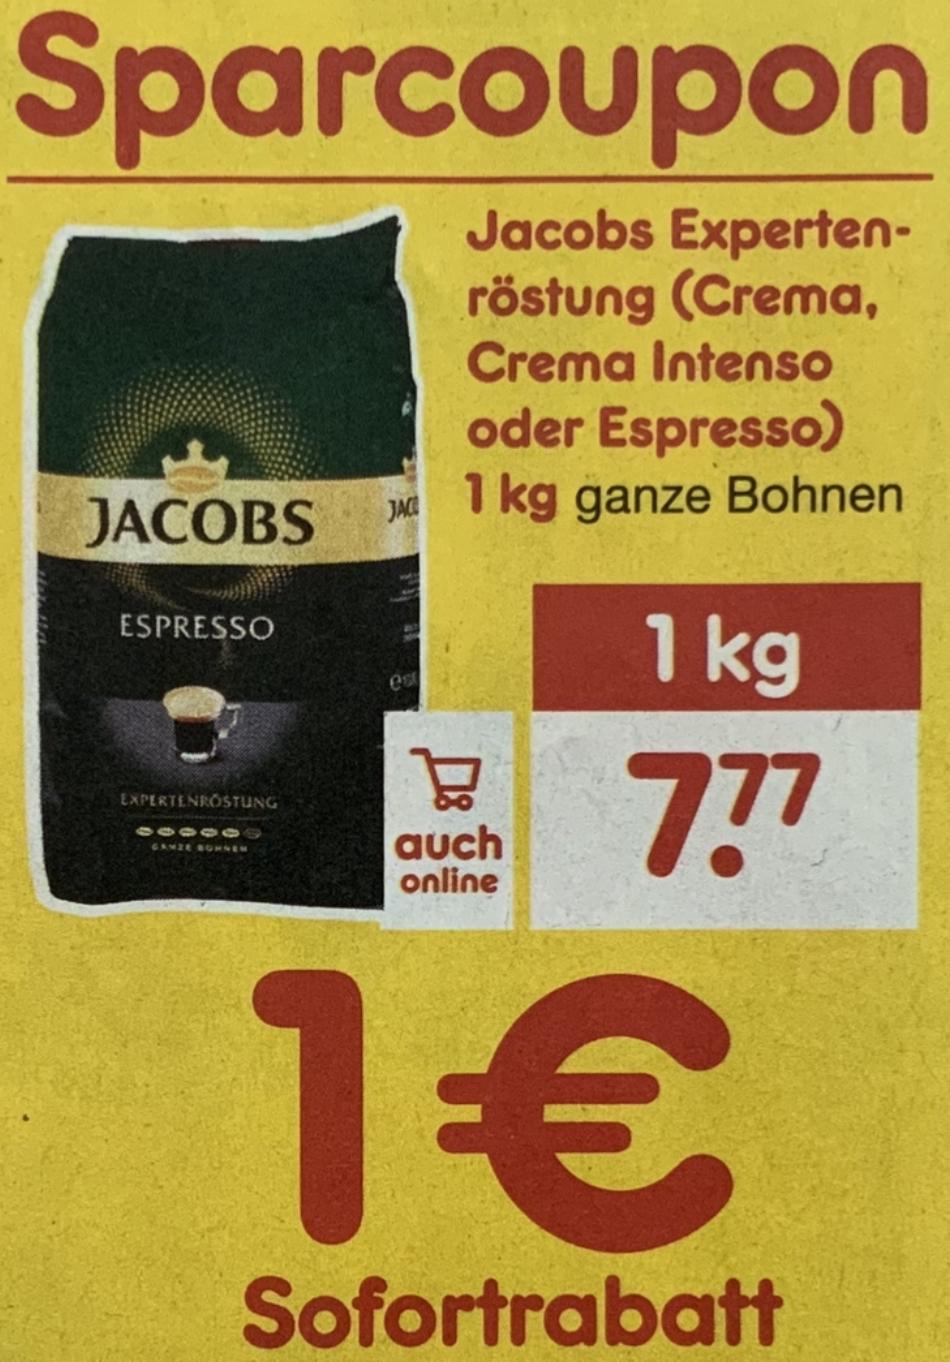 Netto MD: Jacobs Experten-Röstung versch. Sorten 1kg ganze Bohnen für 6,77€ mit Coupon - ab 26.09.